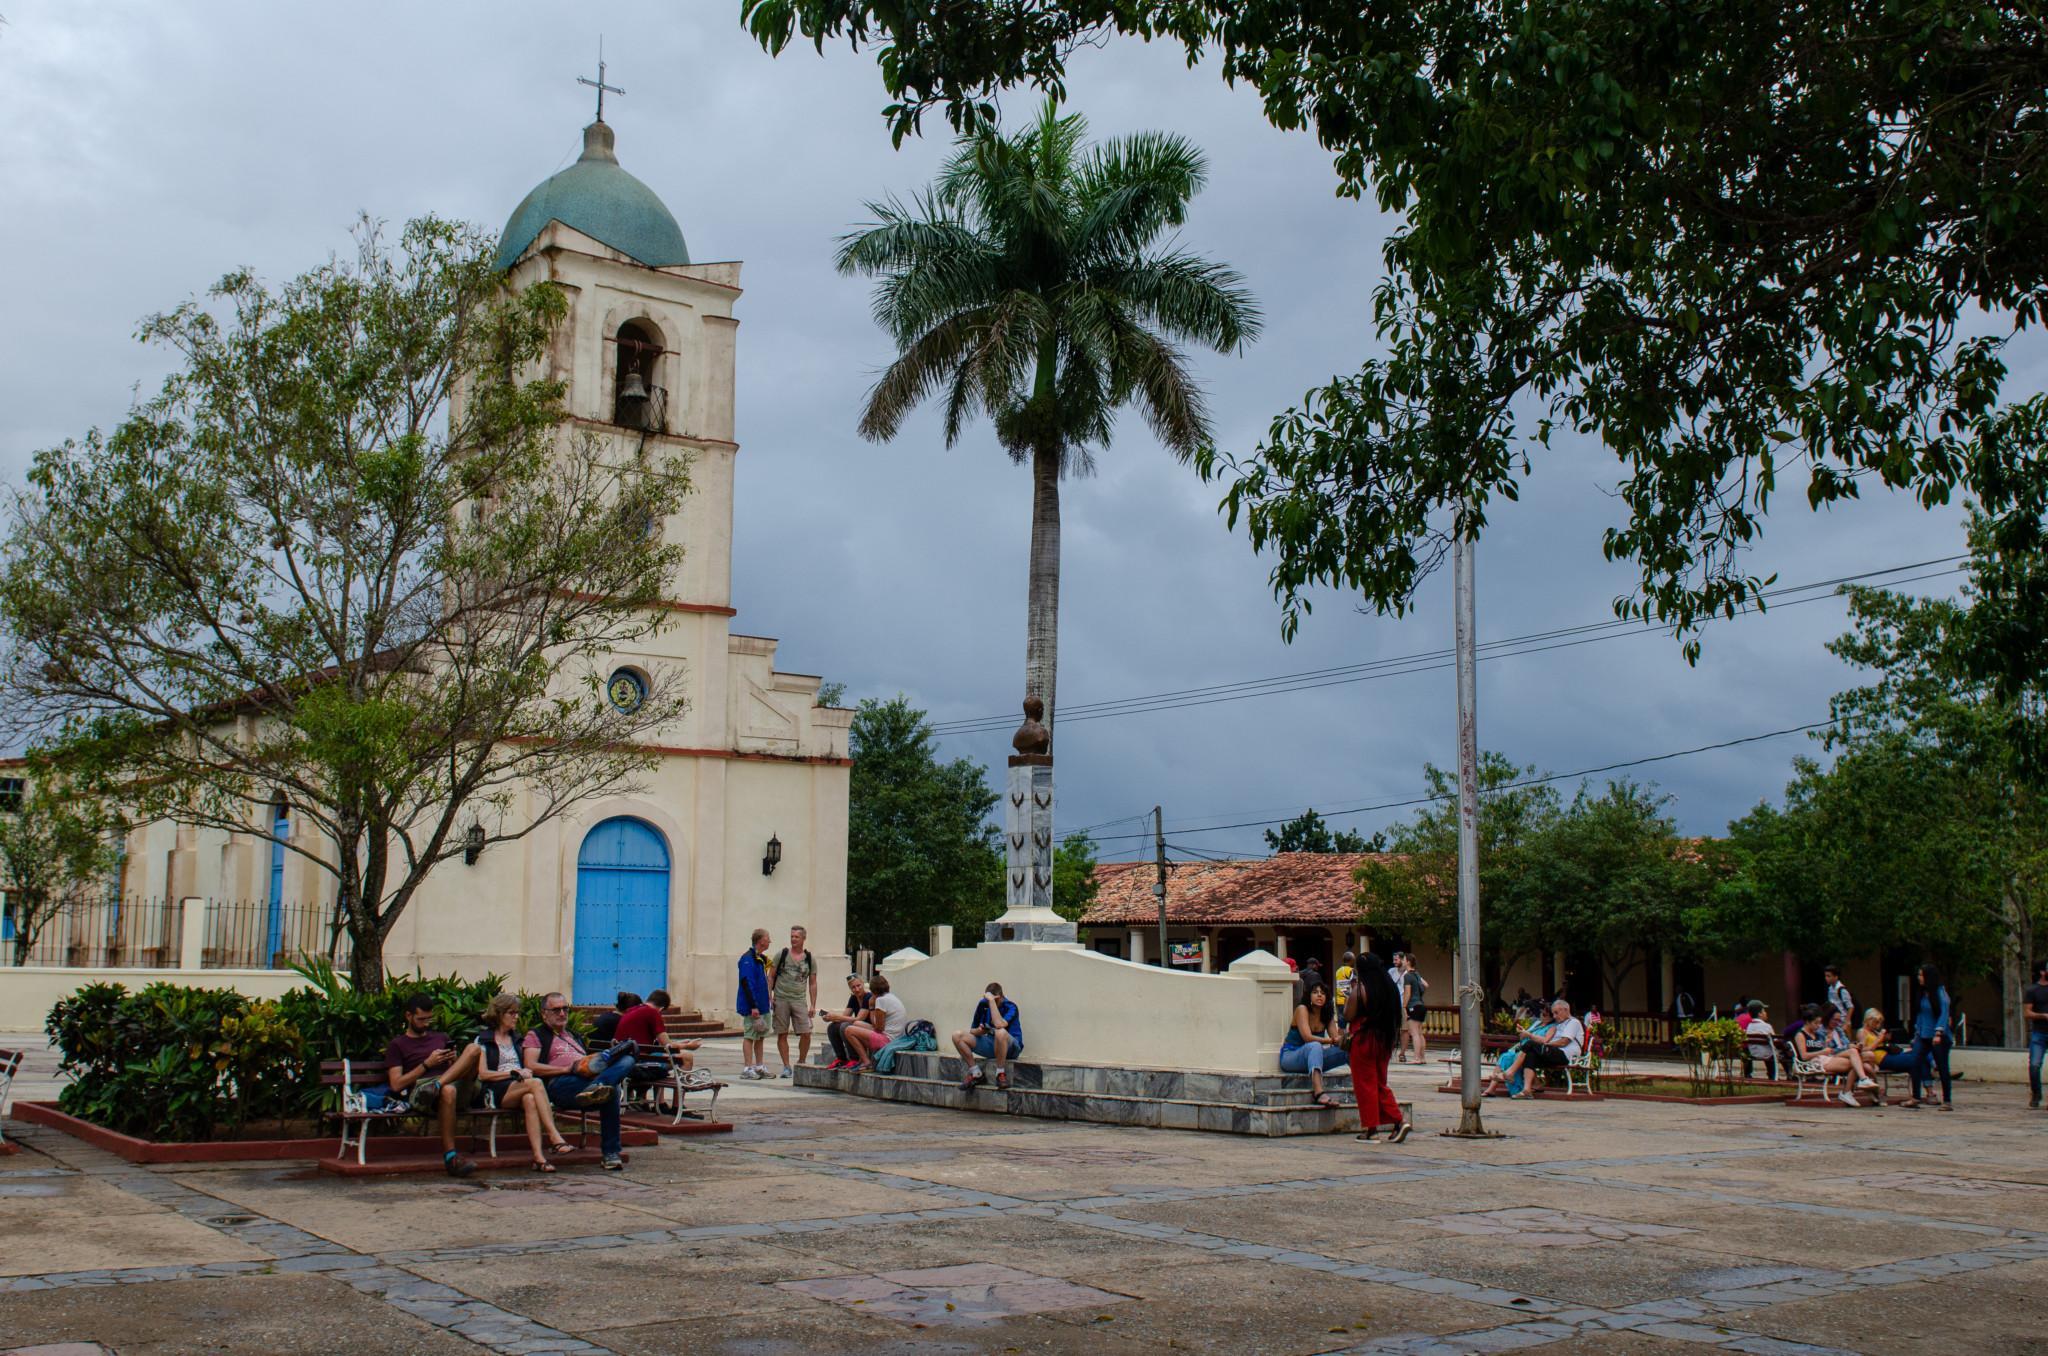 Iglesia Vinales im Stadtzentrum